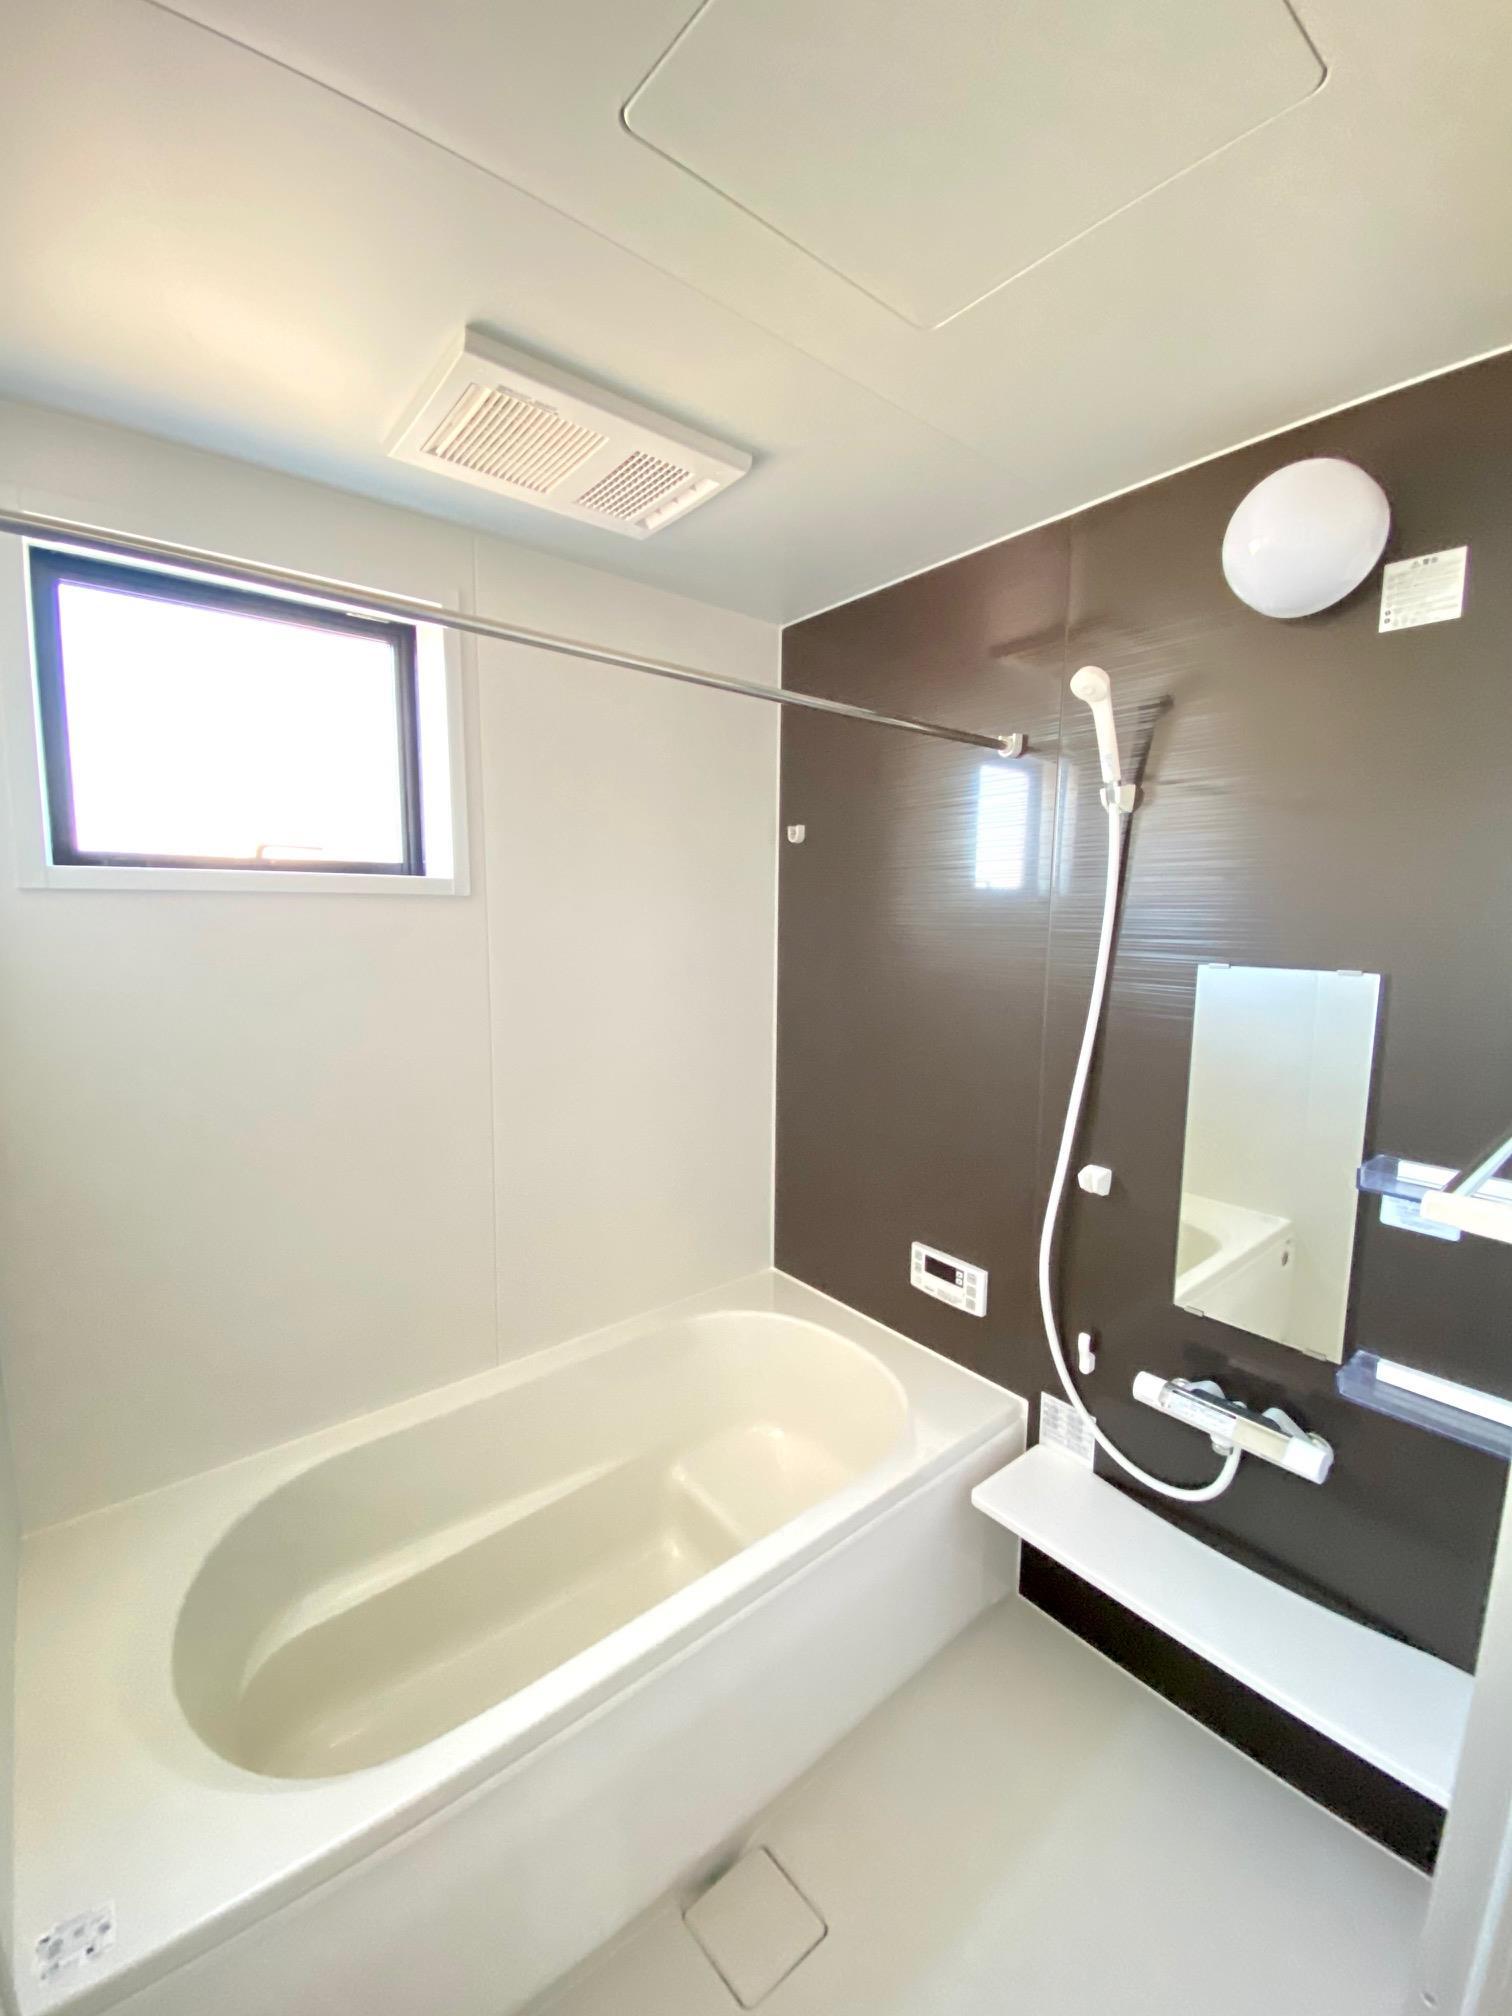 浴室*浴室|夜間や雨の日に大活躍の浴室乾燥機付きです☆/(2020年12月)撮影